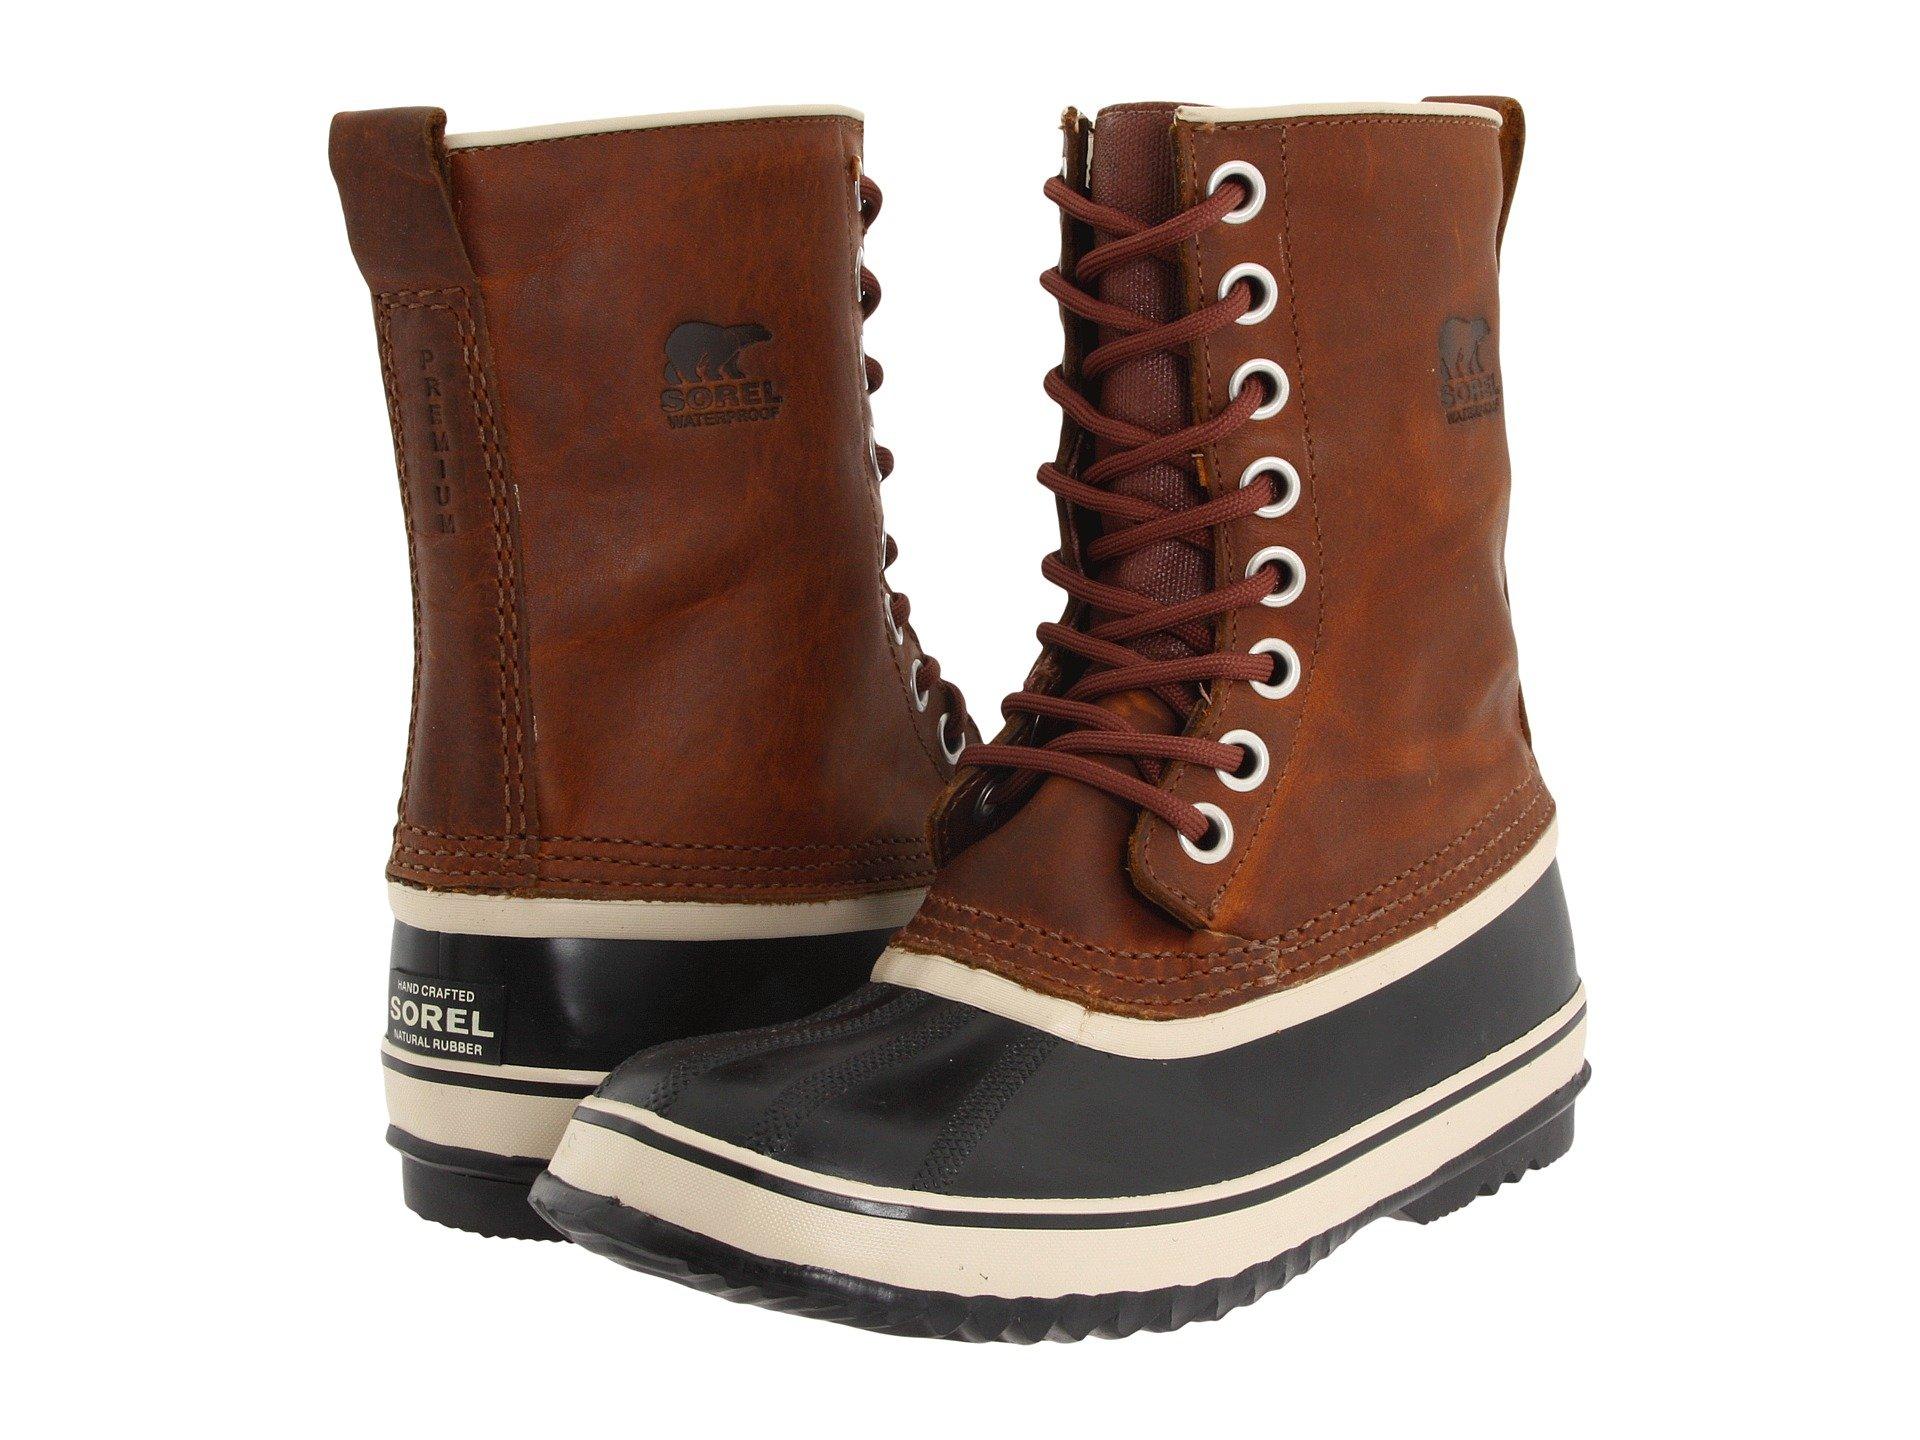 8f0be0b95ac3 Women s SOREL Boots + FREE SHIPPING